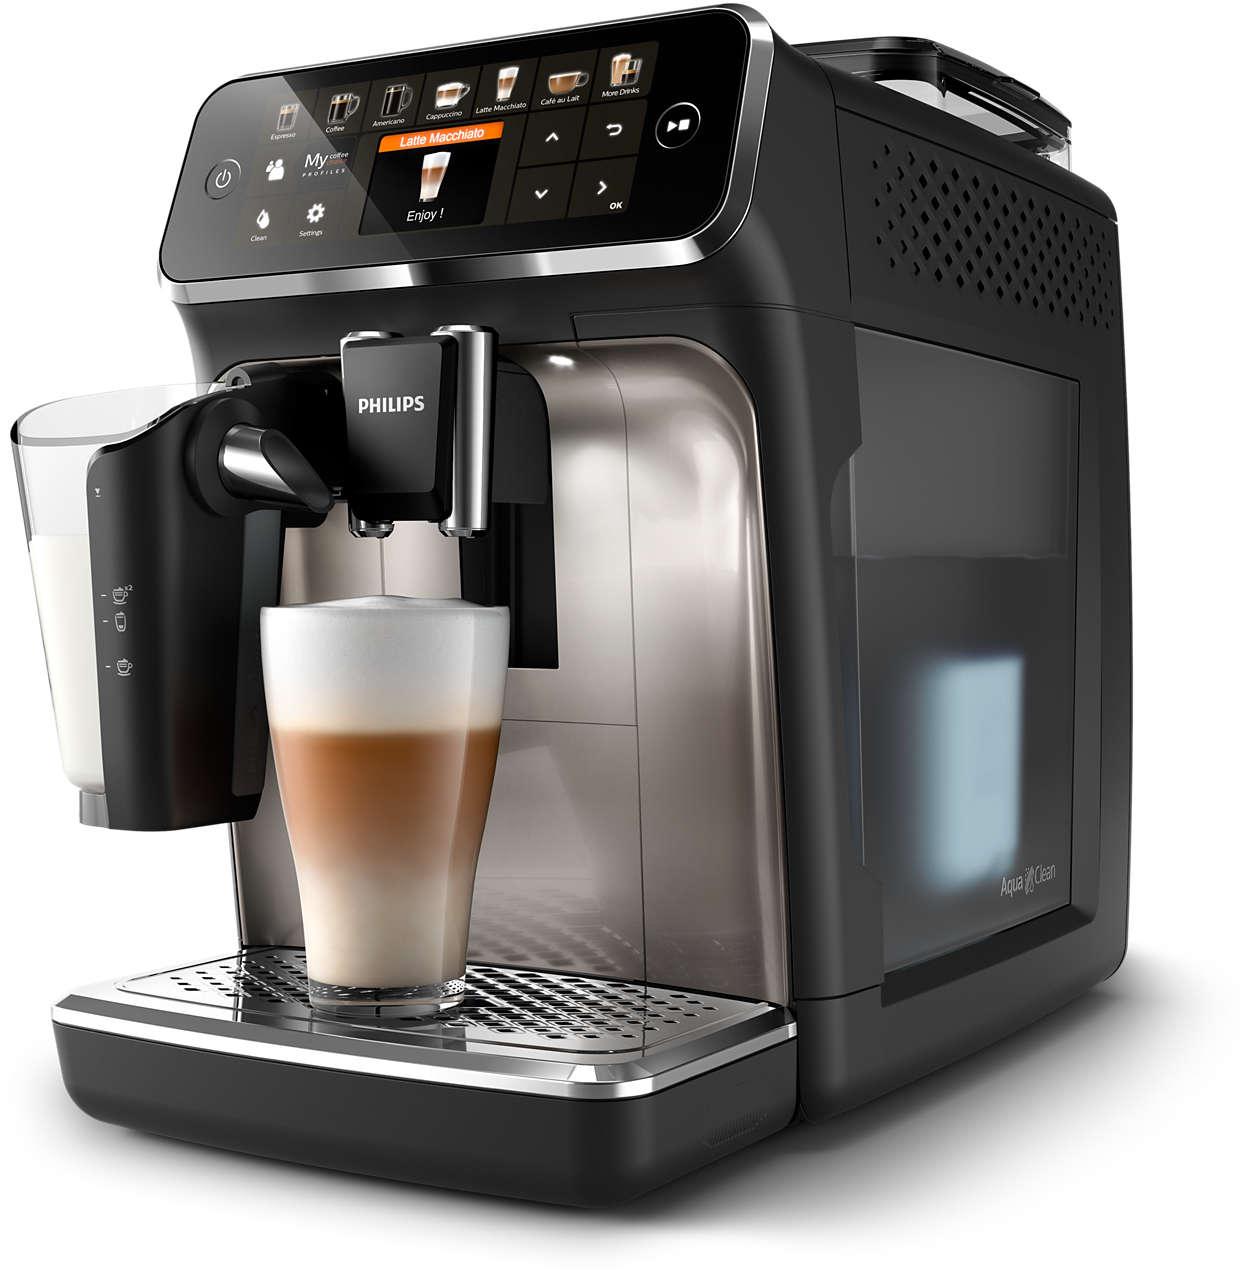 12видів смачних кавових напоїв зі свіжих зерен – іще легше